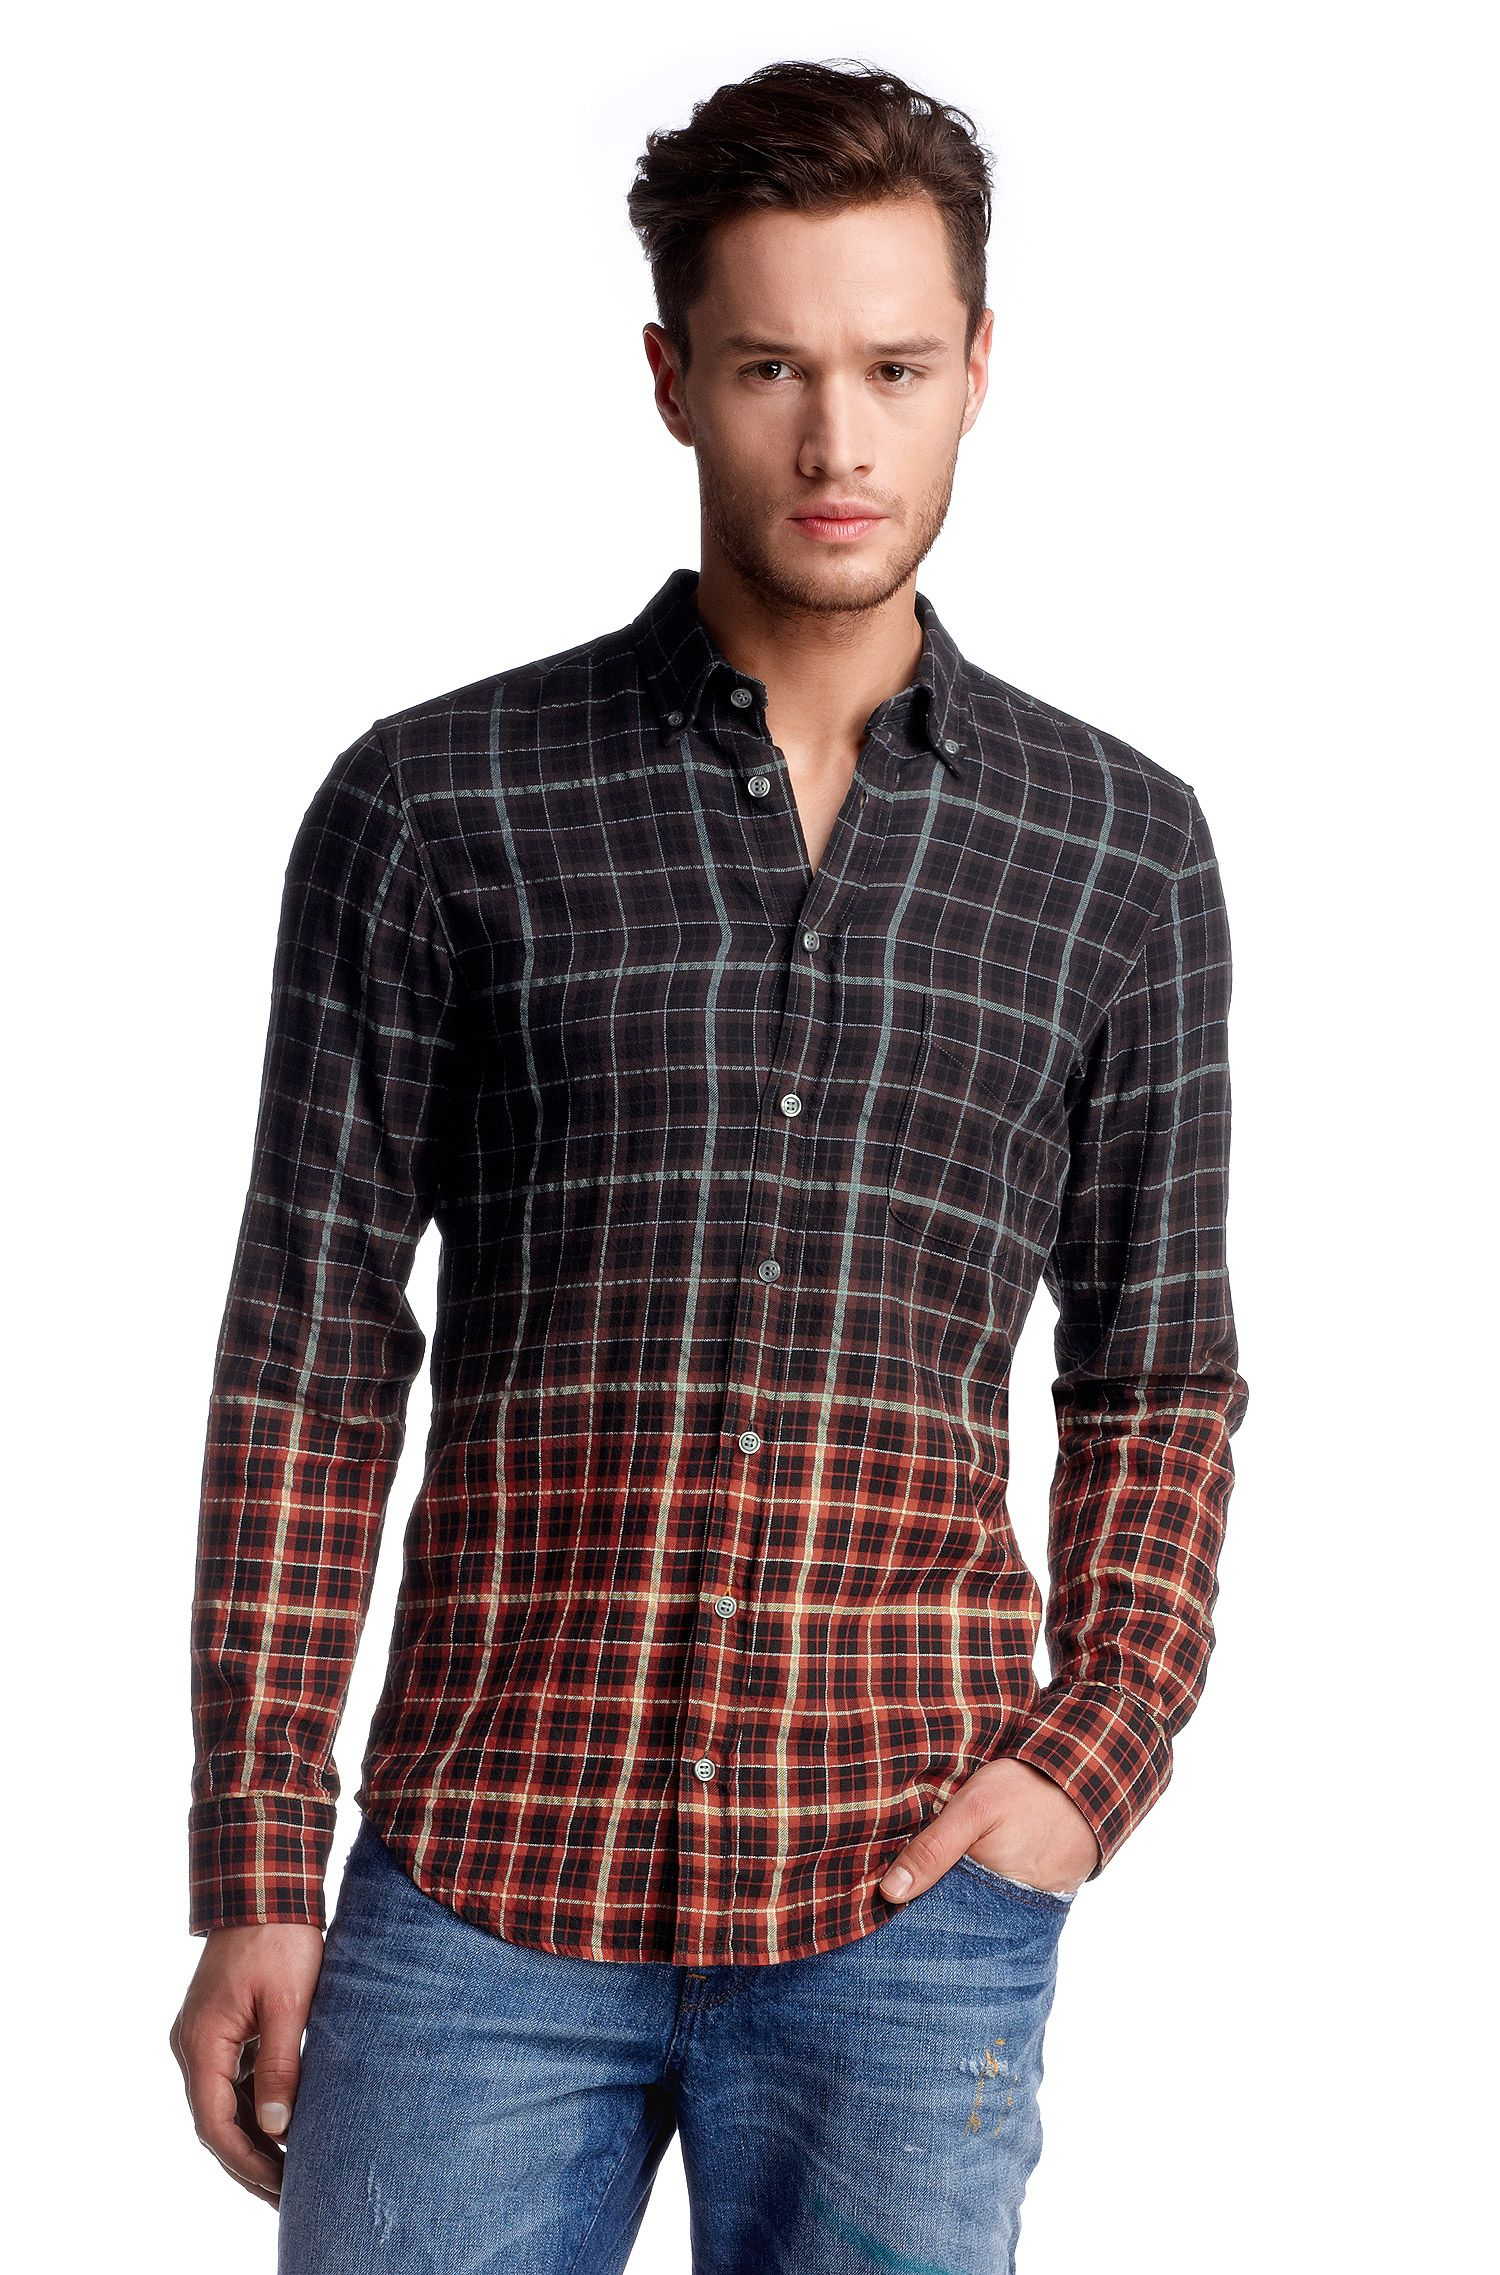 Freizeit-Hemd ´EquatorE` mit Karo-Dessin